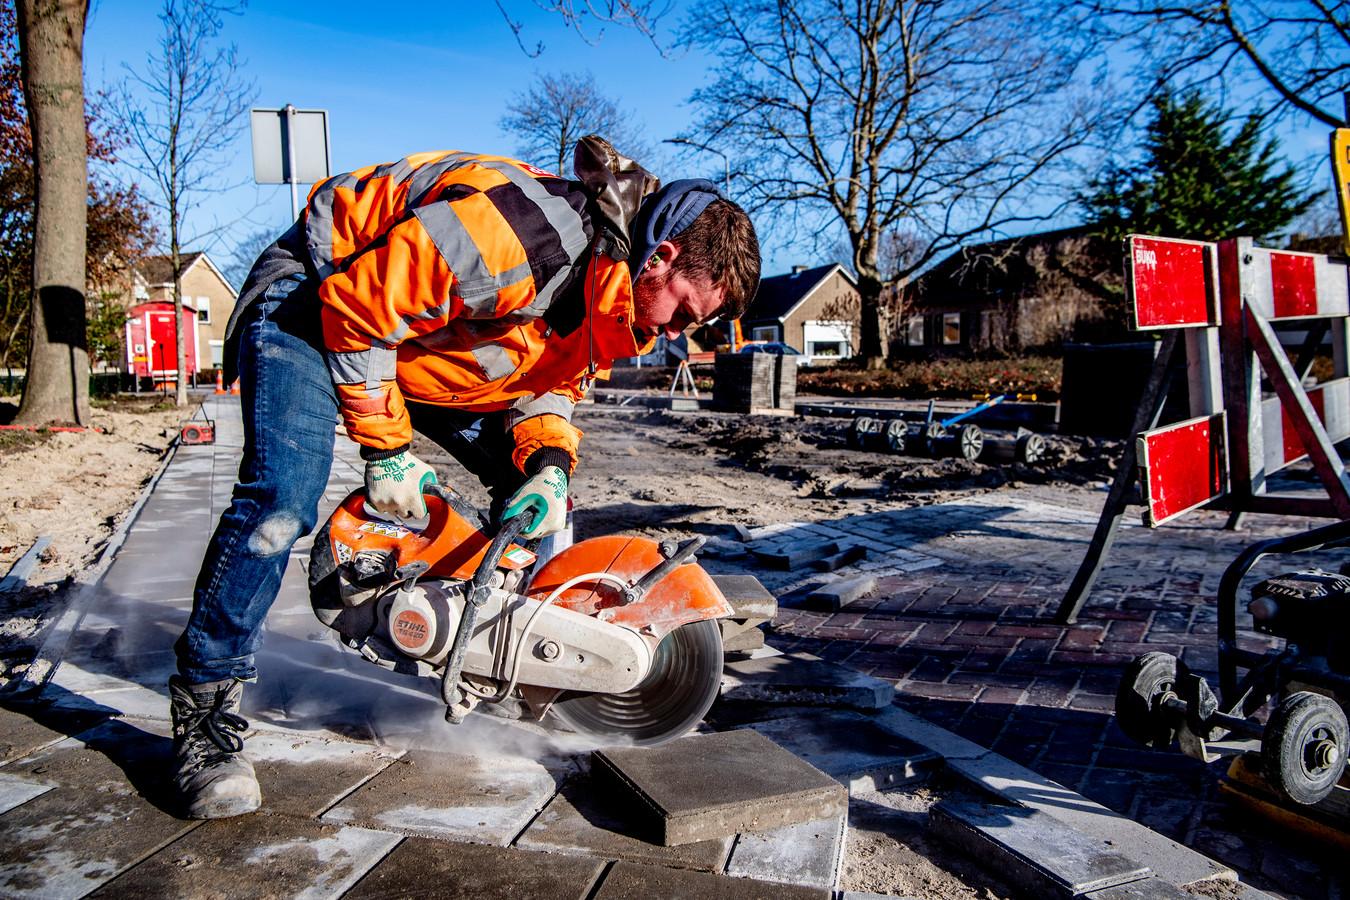 Foto ter illustratie. Vooral voor mensen in de zware beroepen is budget nodig voor persoonlijke ontwikkeling, stelt werkgeversorganisatie AWVN.